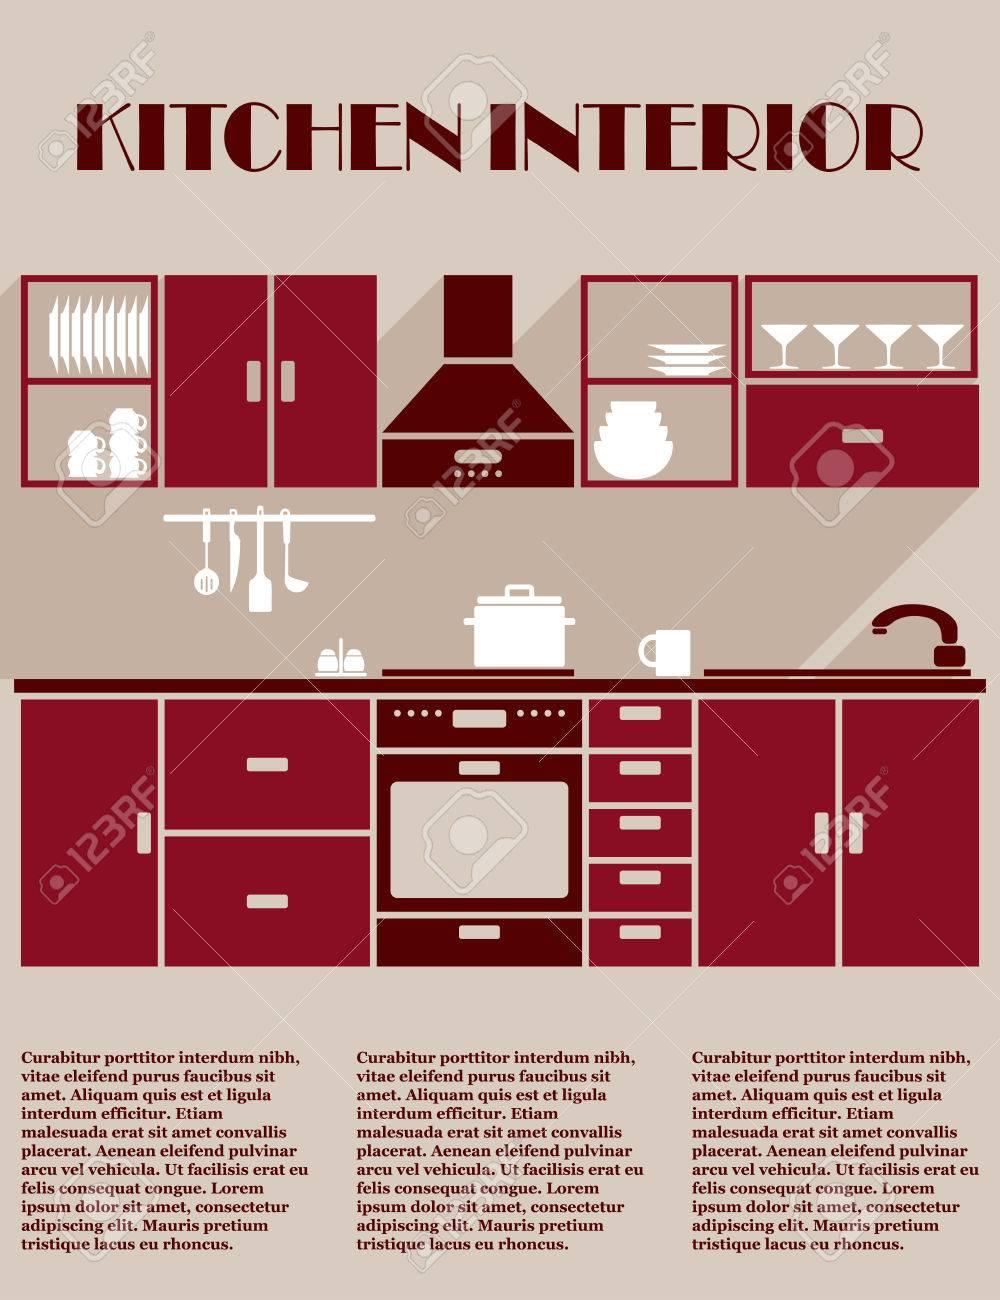 Küche Interieur Infografik Template In Den Farben Rotbraun Mit Einer ...